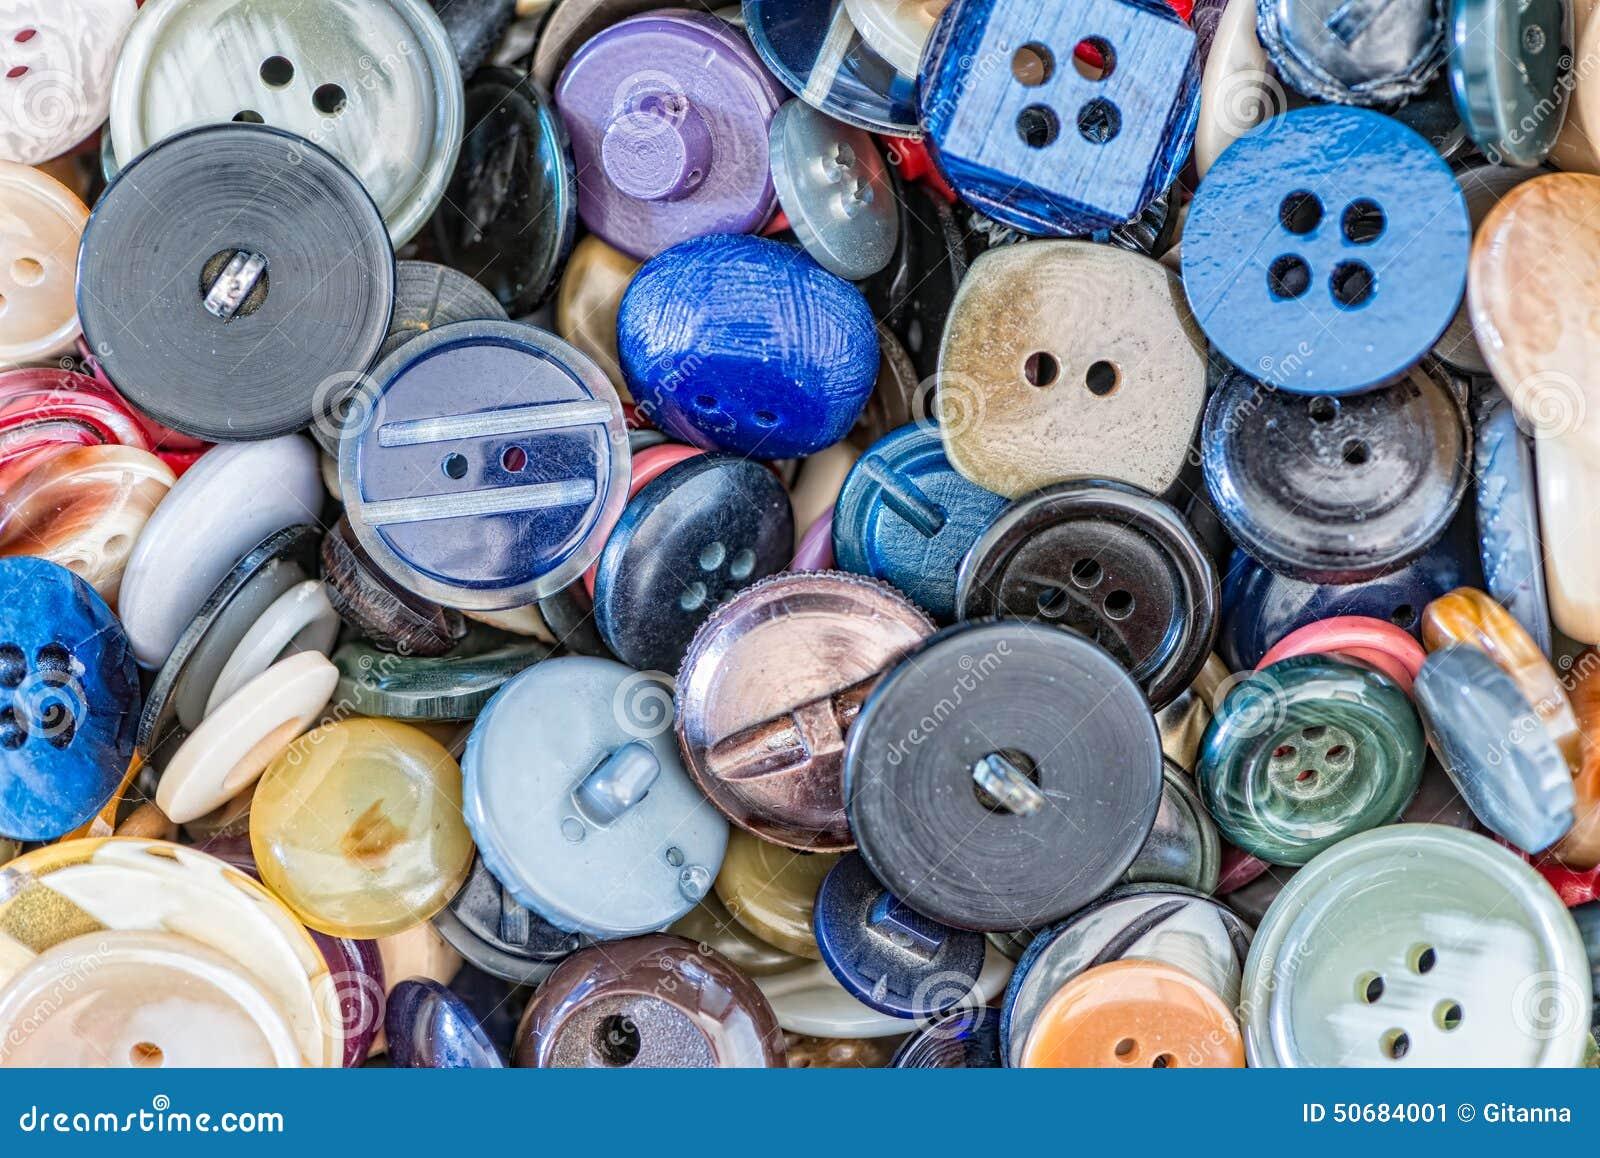 Download 衣裳的按钮 库存图片. 图片 包括有 蓝色, 绿色, 宏指令, 要素, 方式, 衣裳, 图标, 按钮, 刺绣 - 50684001